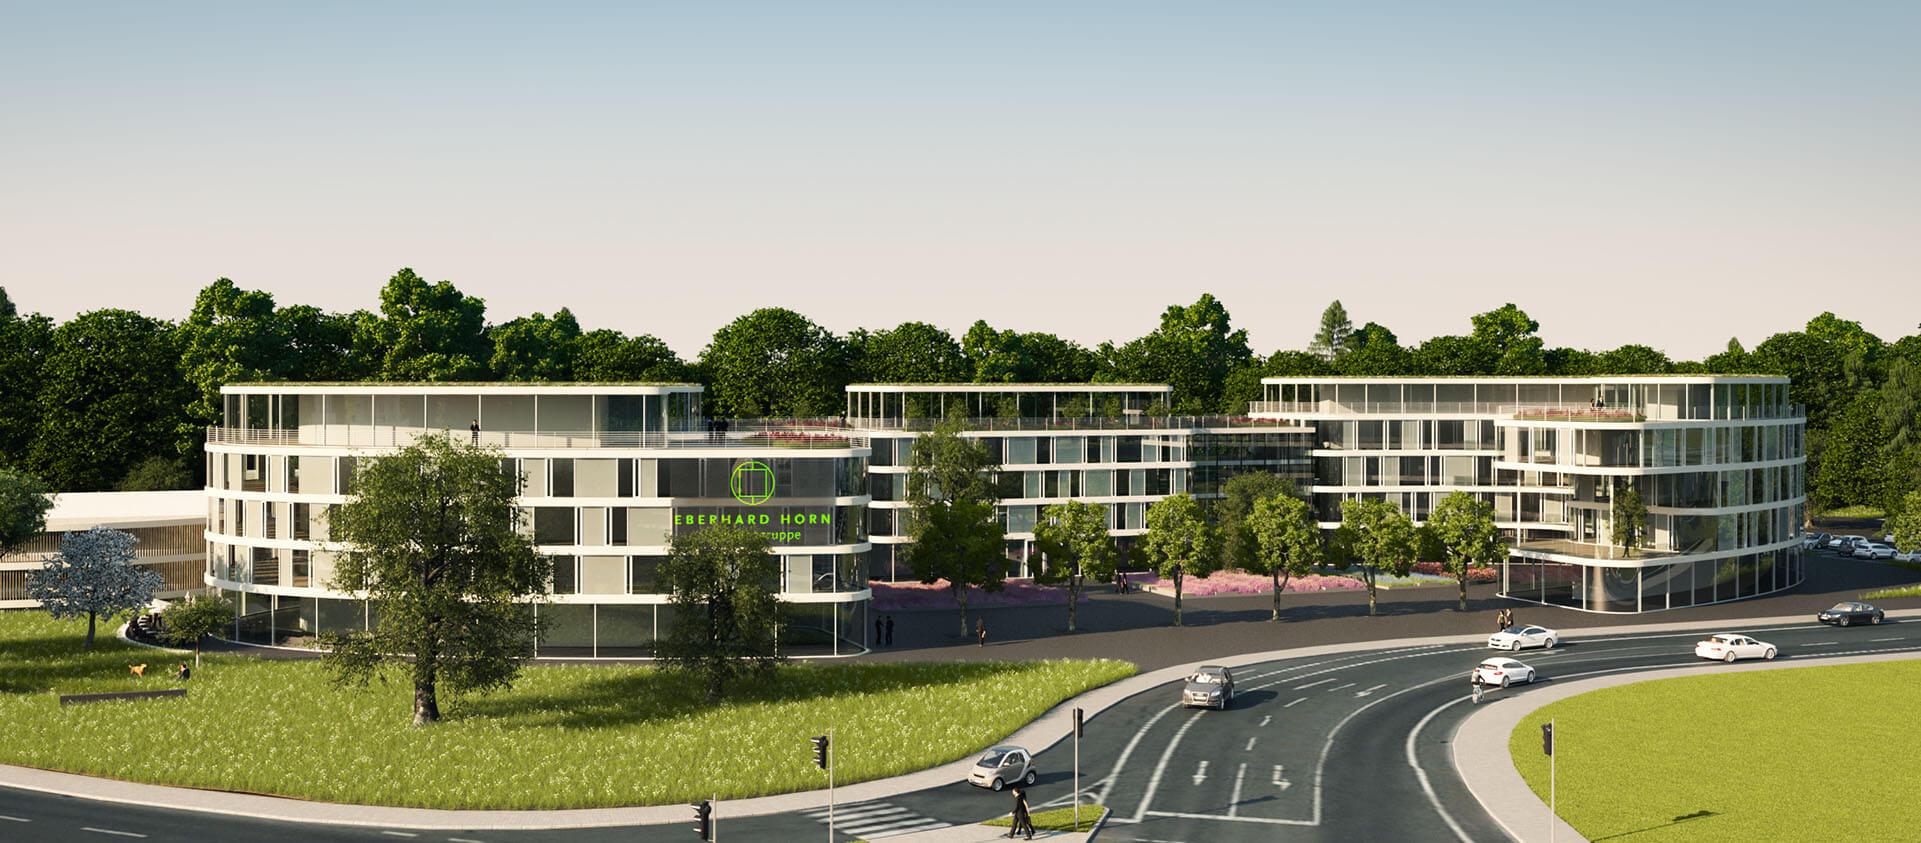 Projektentwicklung Bad Homburg Eberhard Horn Designgruppe, Übersicht Natural Balance Campus